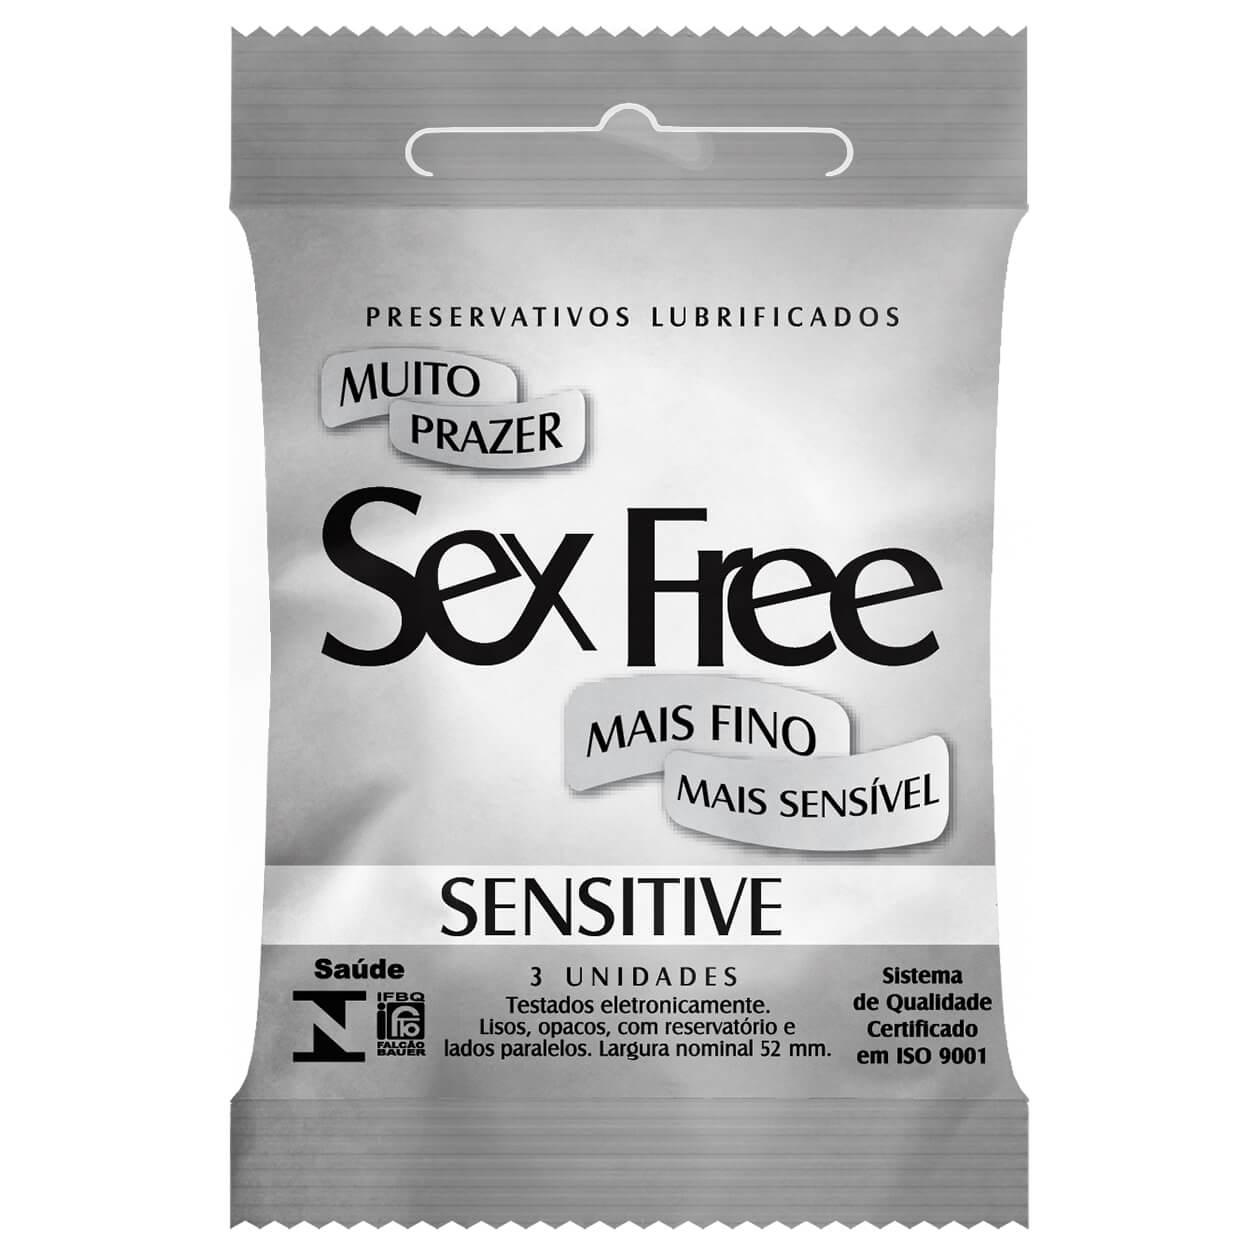 Preservativo Sex Free Sensitive - mais fino e mais sensivel